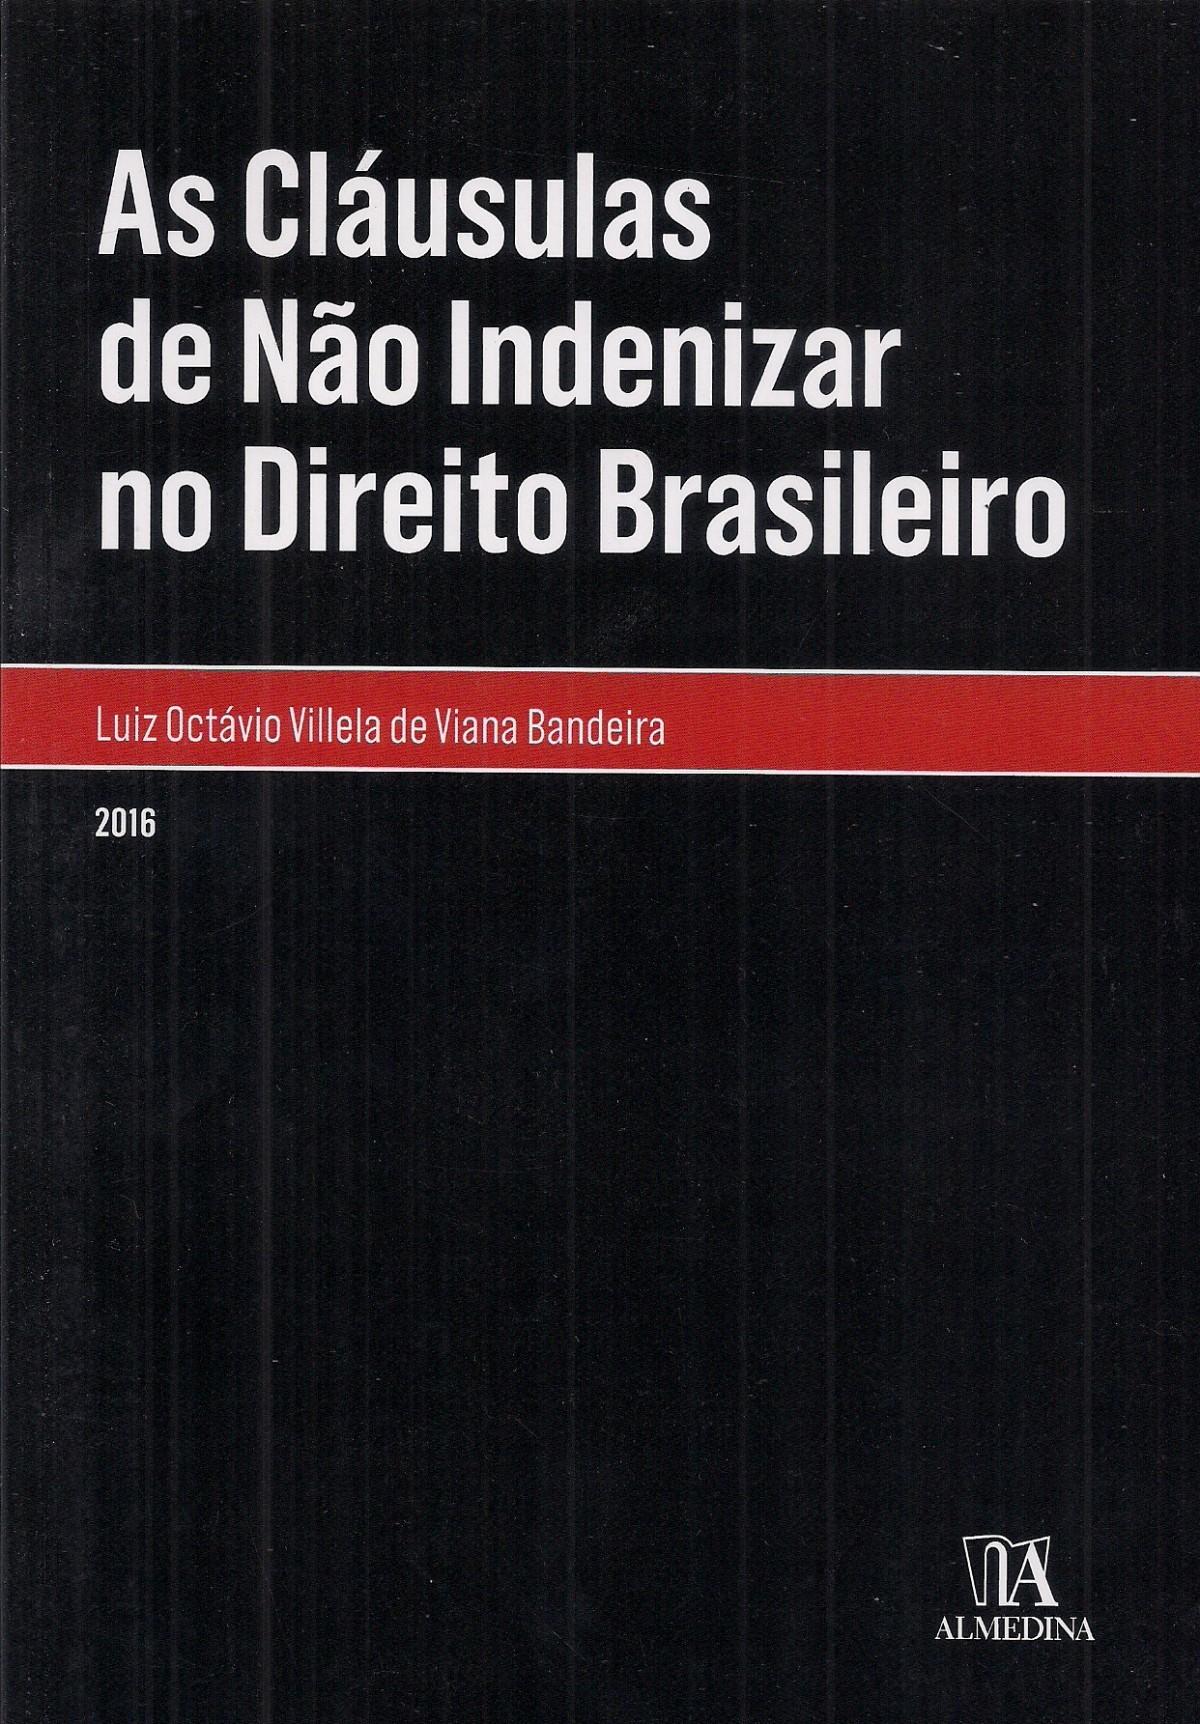 Foto 1 - As Cláusulas de Não Indenizar no Direito Brasileiro